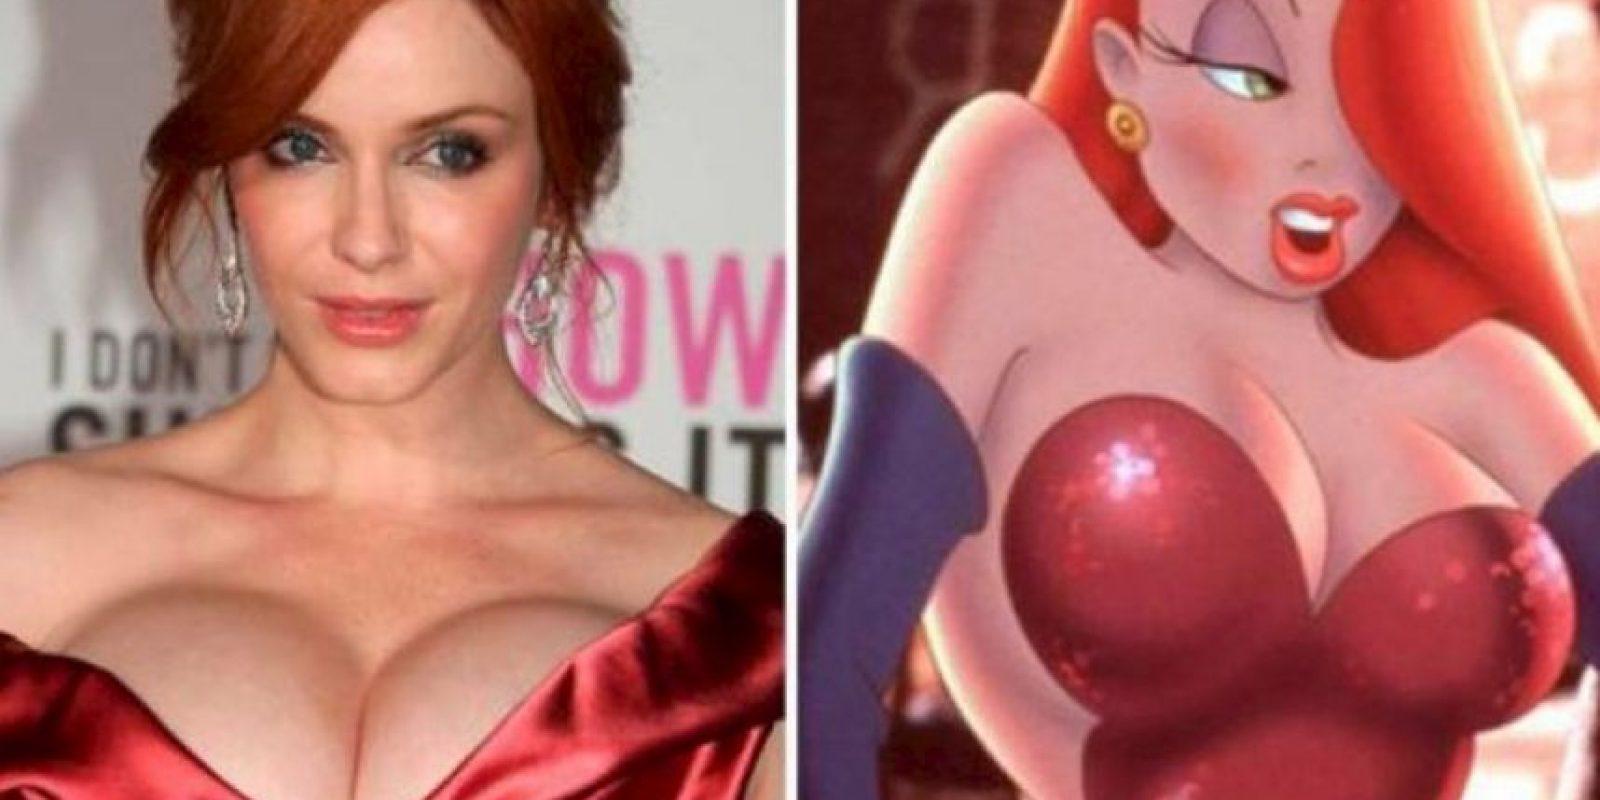 """9. Christina Hendricks idéntica a Jessica Rabbit de la película """"¿Quién engañó a Roger Rabbit?"""" Foto:Totally Looks Like"""